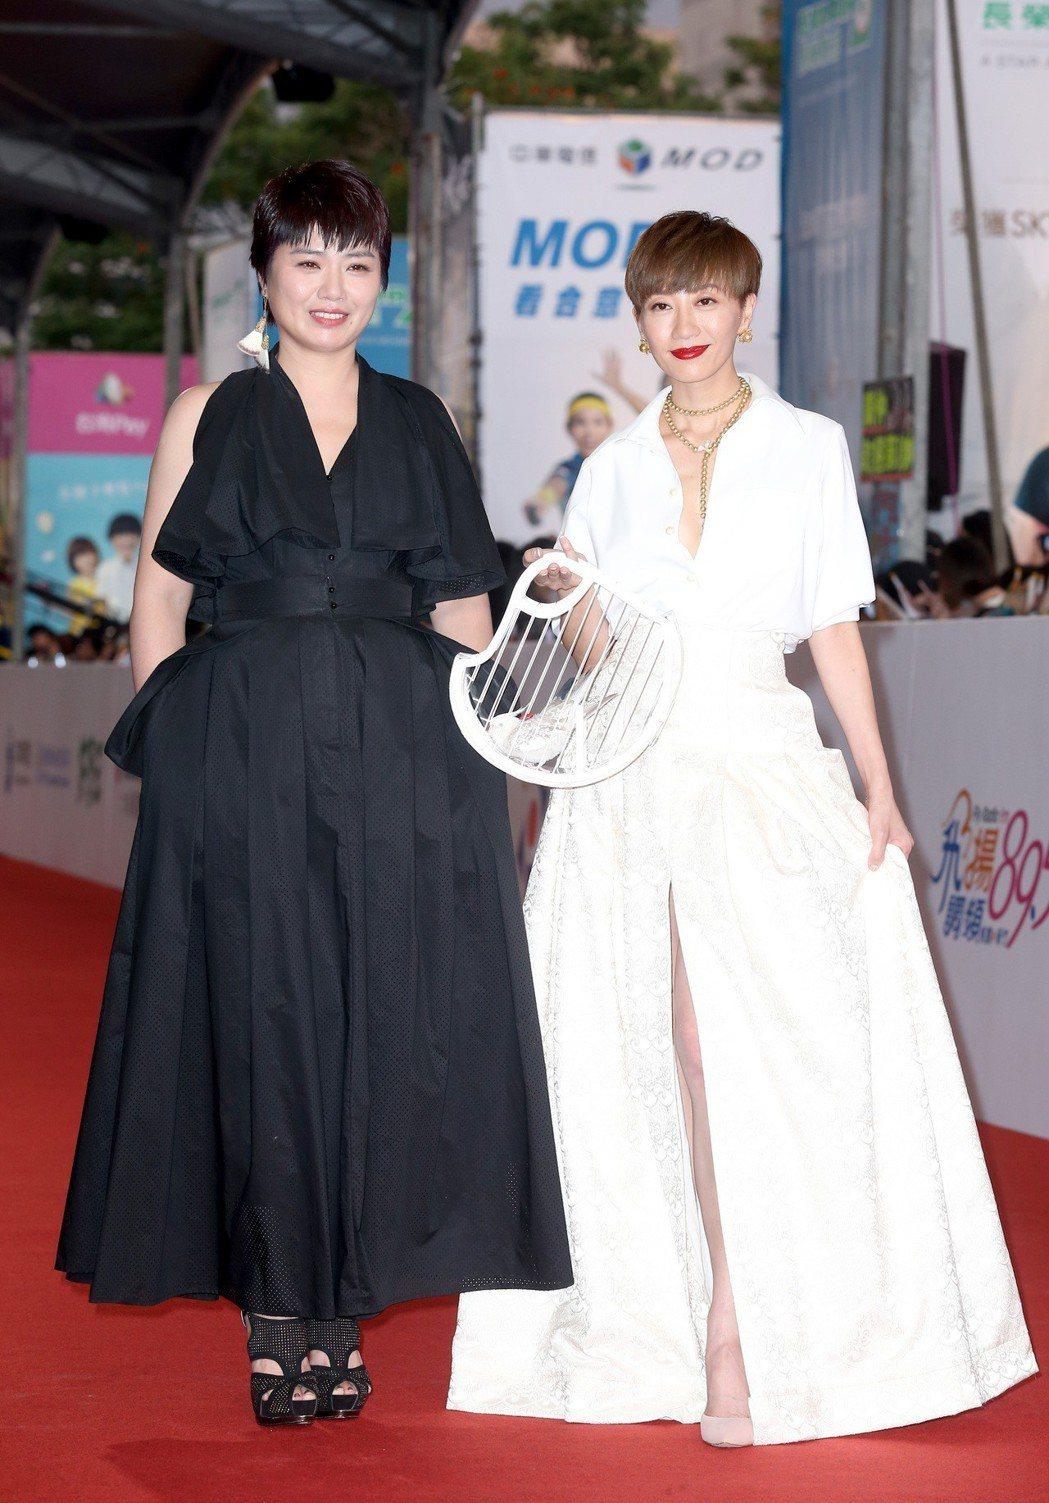 嚴藝文(左)與潘奕如(右)走星光大道。記者陳立凱/攝影